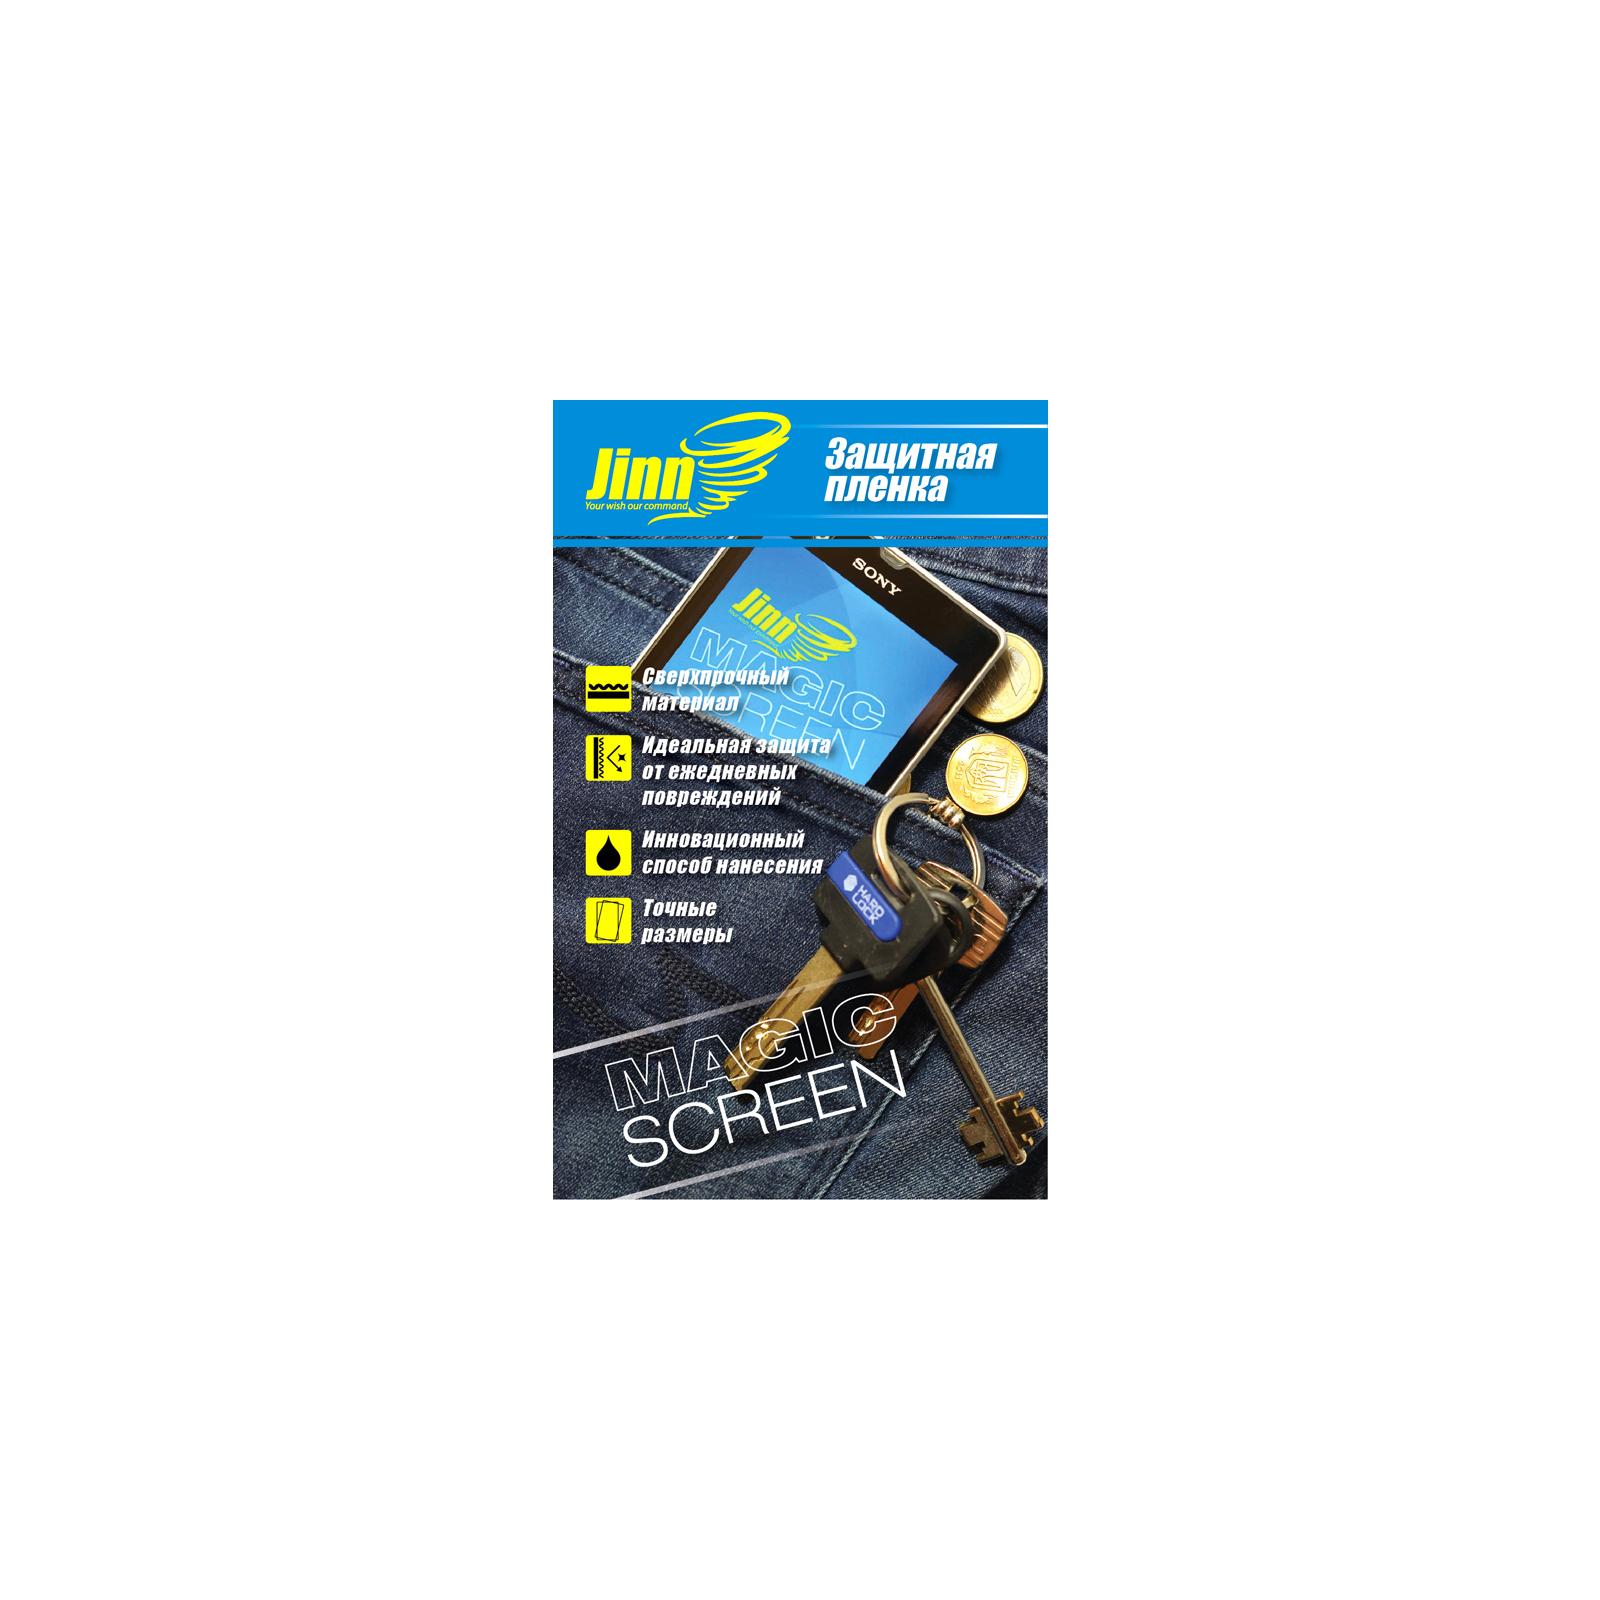 """Пленка защитная JINN надміцна Magic Screen для Samsung Galaxy Mega 6.3"""" i9200 (за (Samsung Galaxy Mega 6.3"""" front)"""